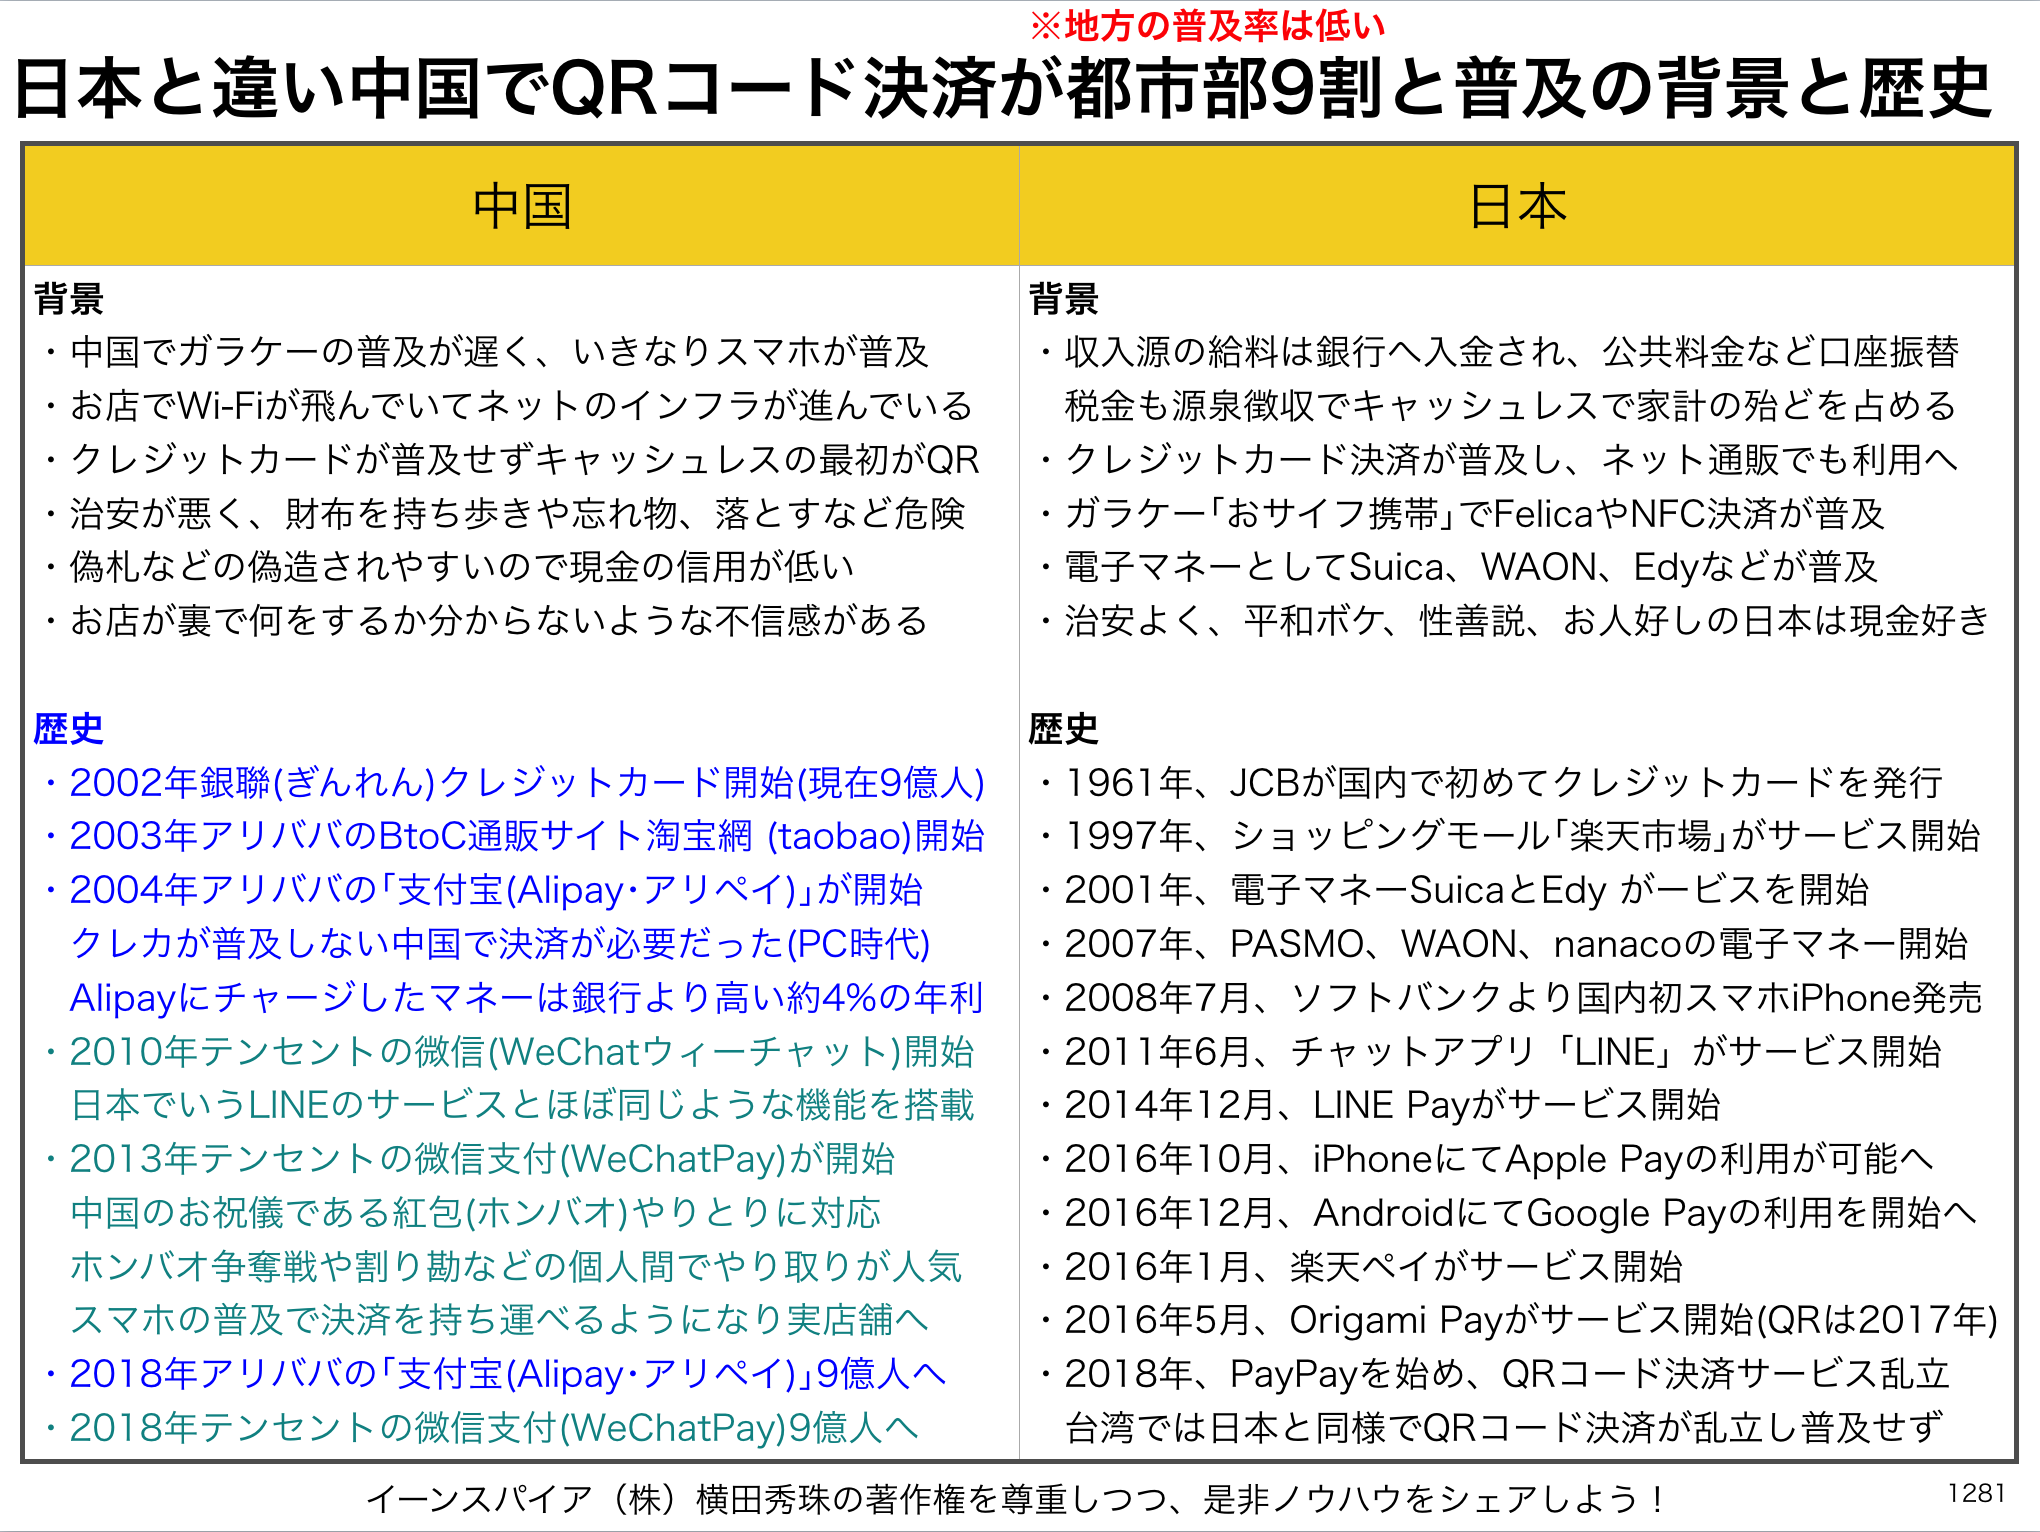 日本と違い中国でQRコード決済が普及(都市部9割)背景と歴史